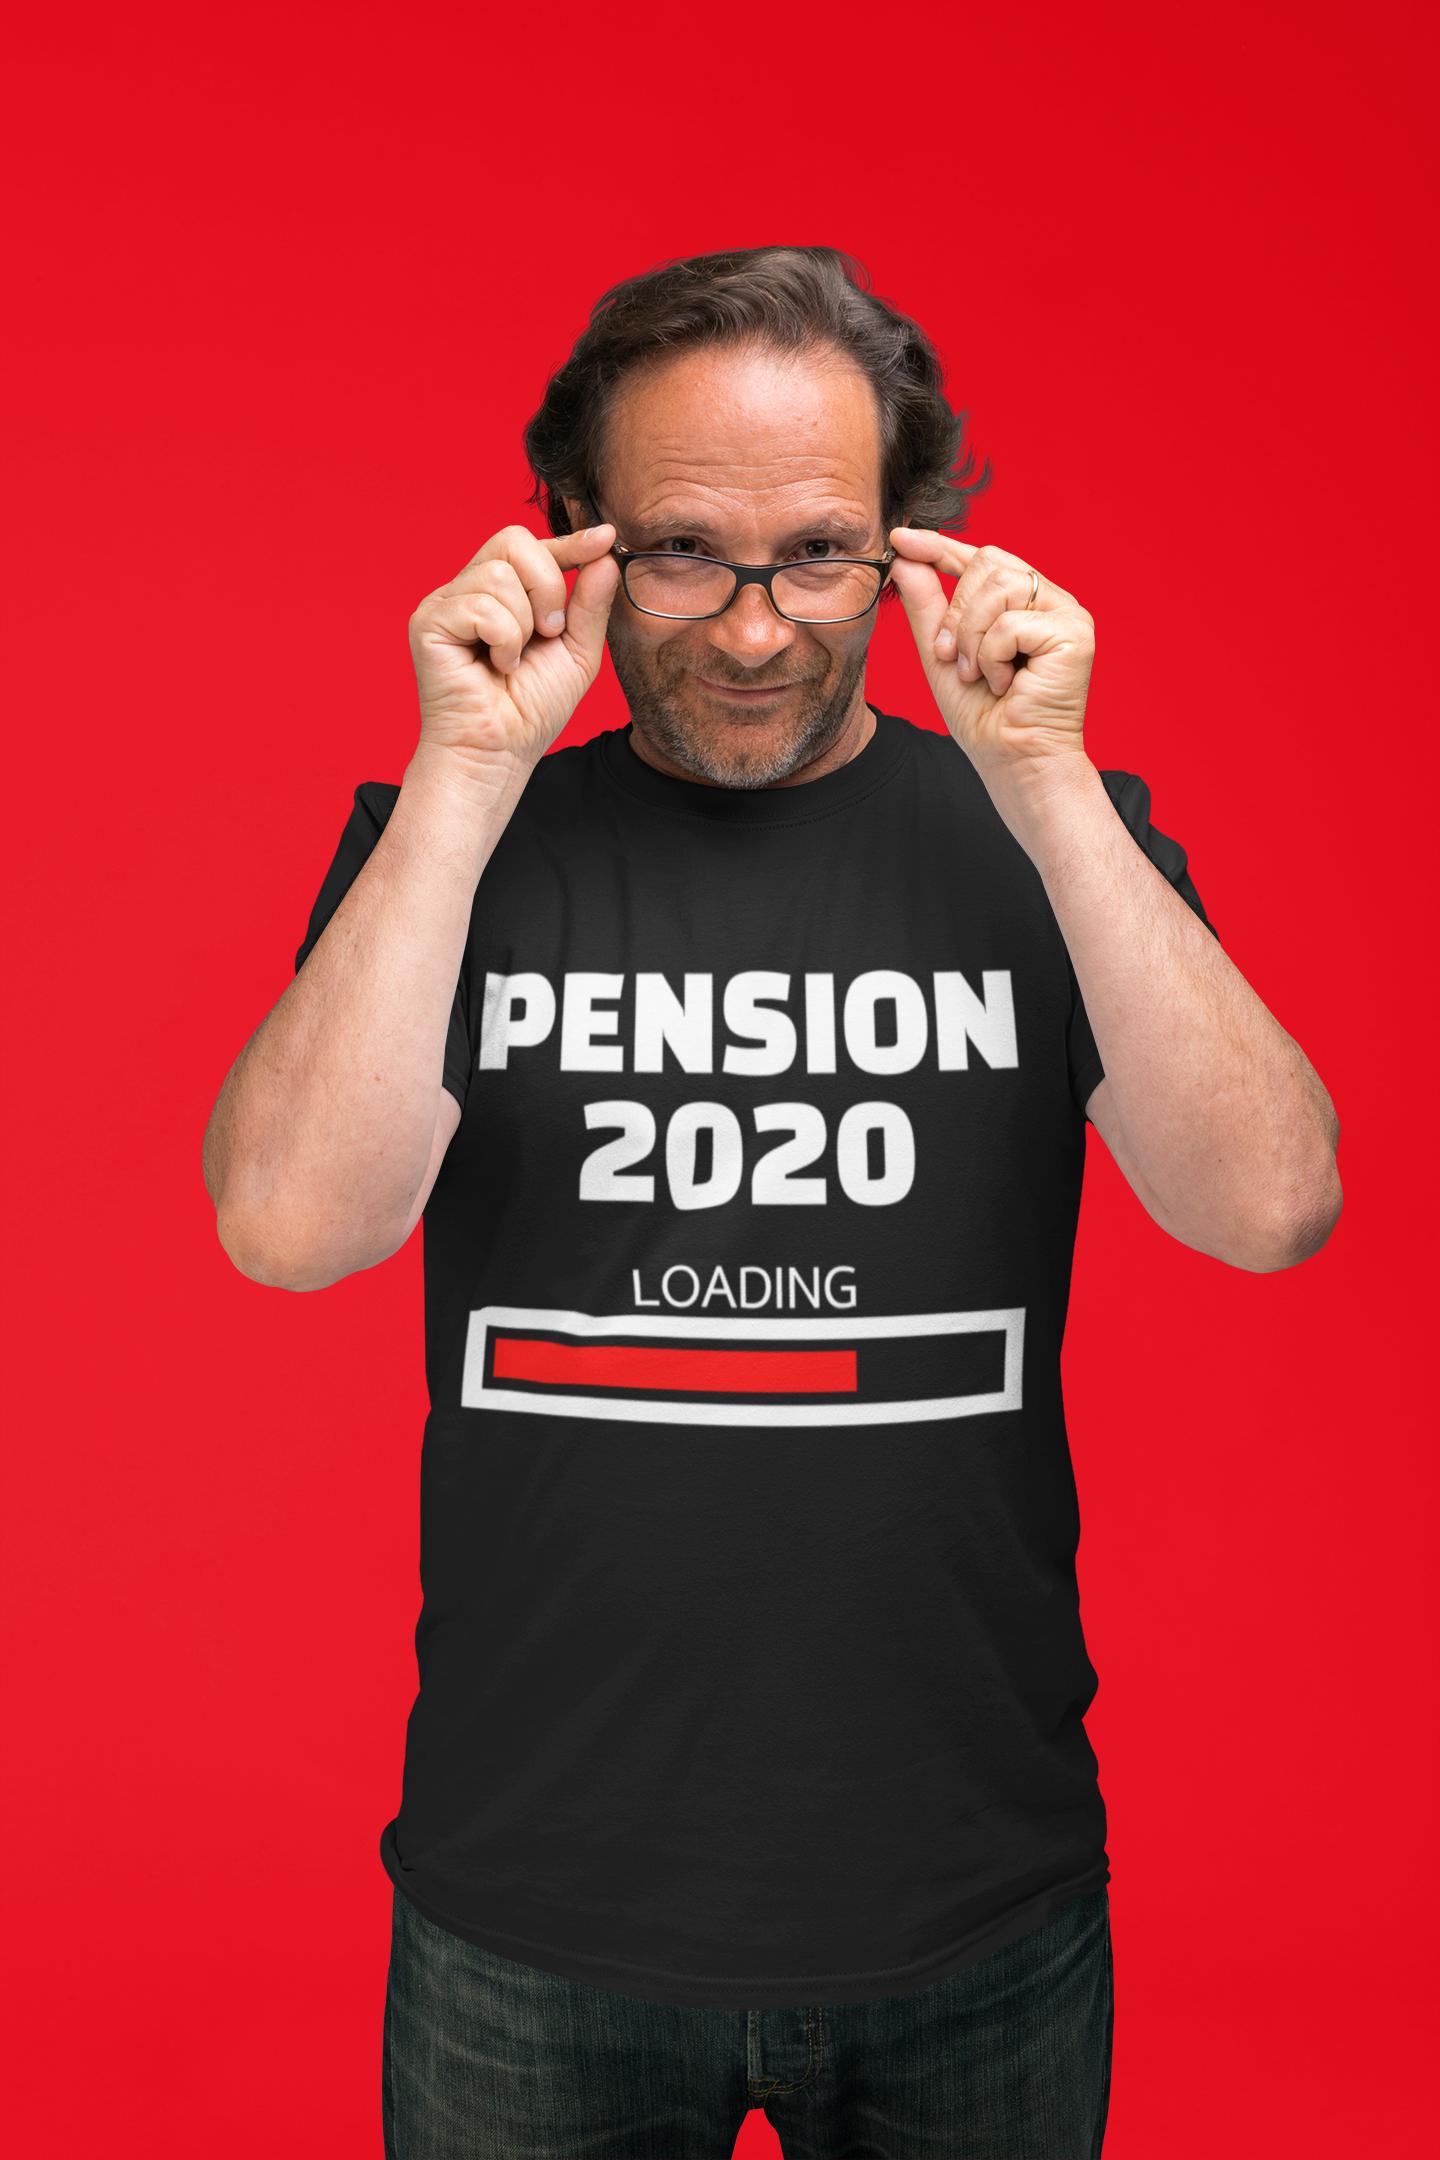 pensionsrechner bundesbeamte 2020